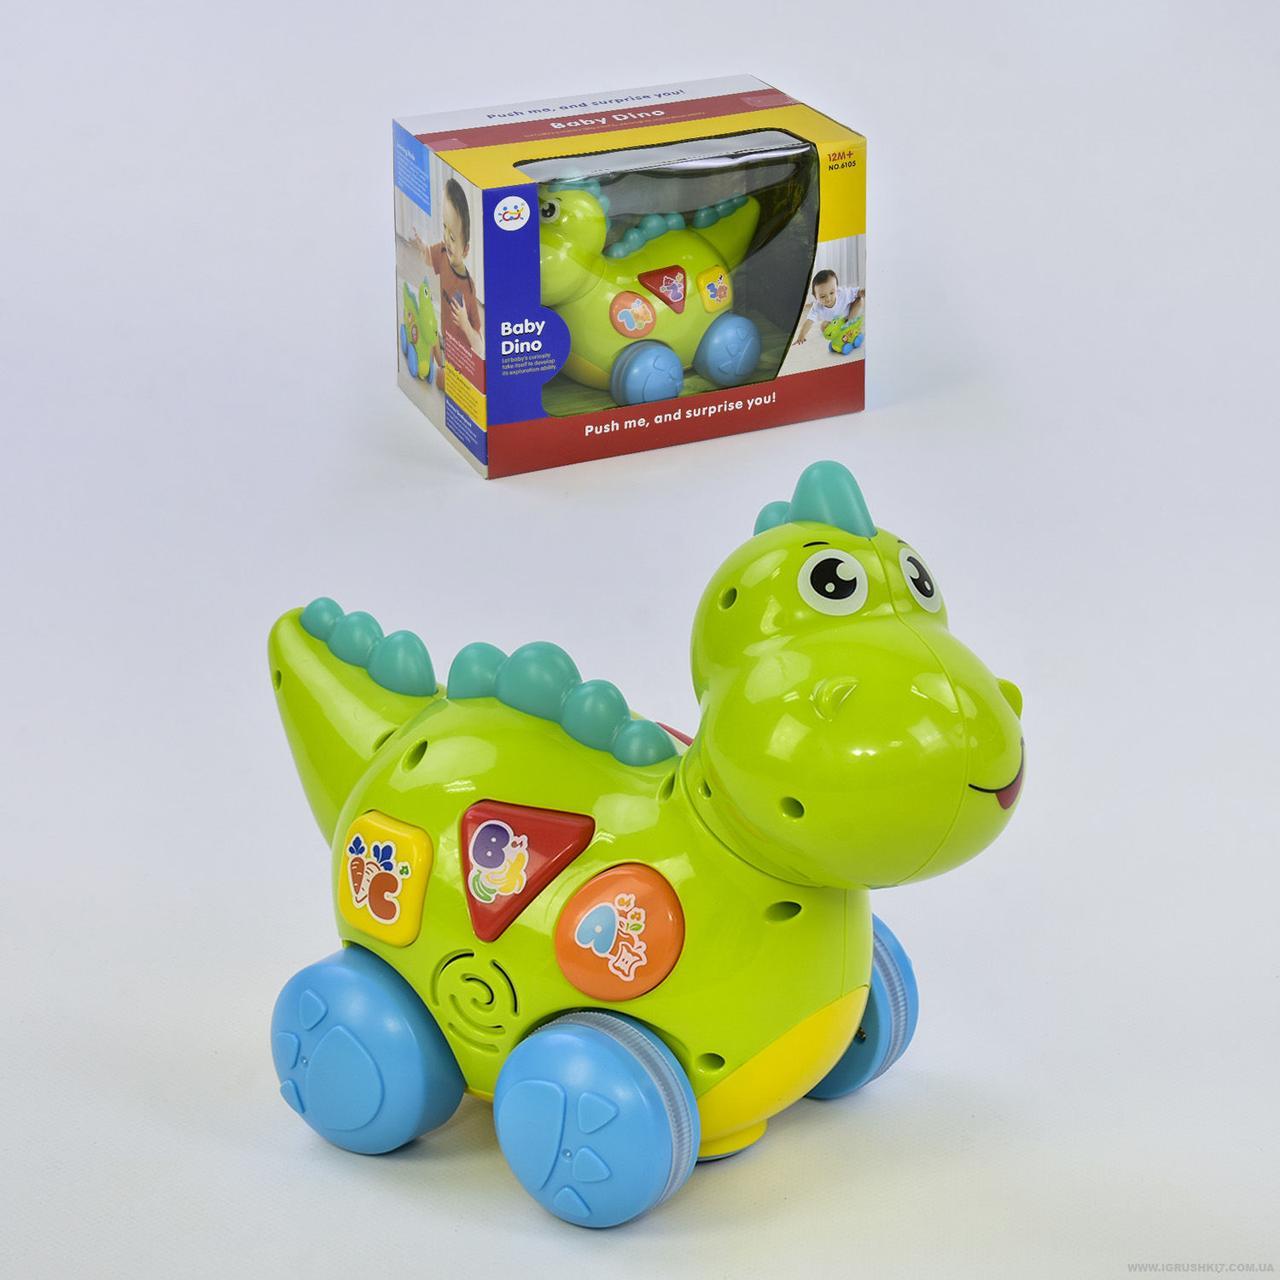 Развивающая игрушка Динозавр 6105 (18) в коробке